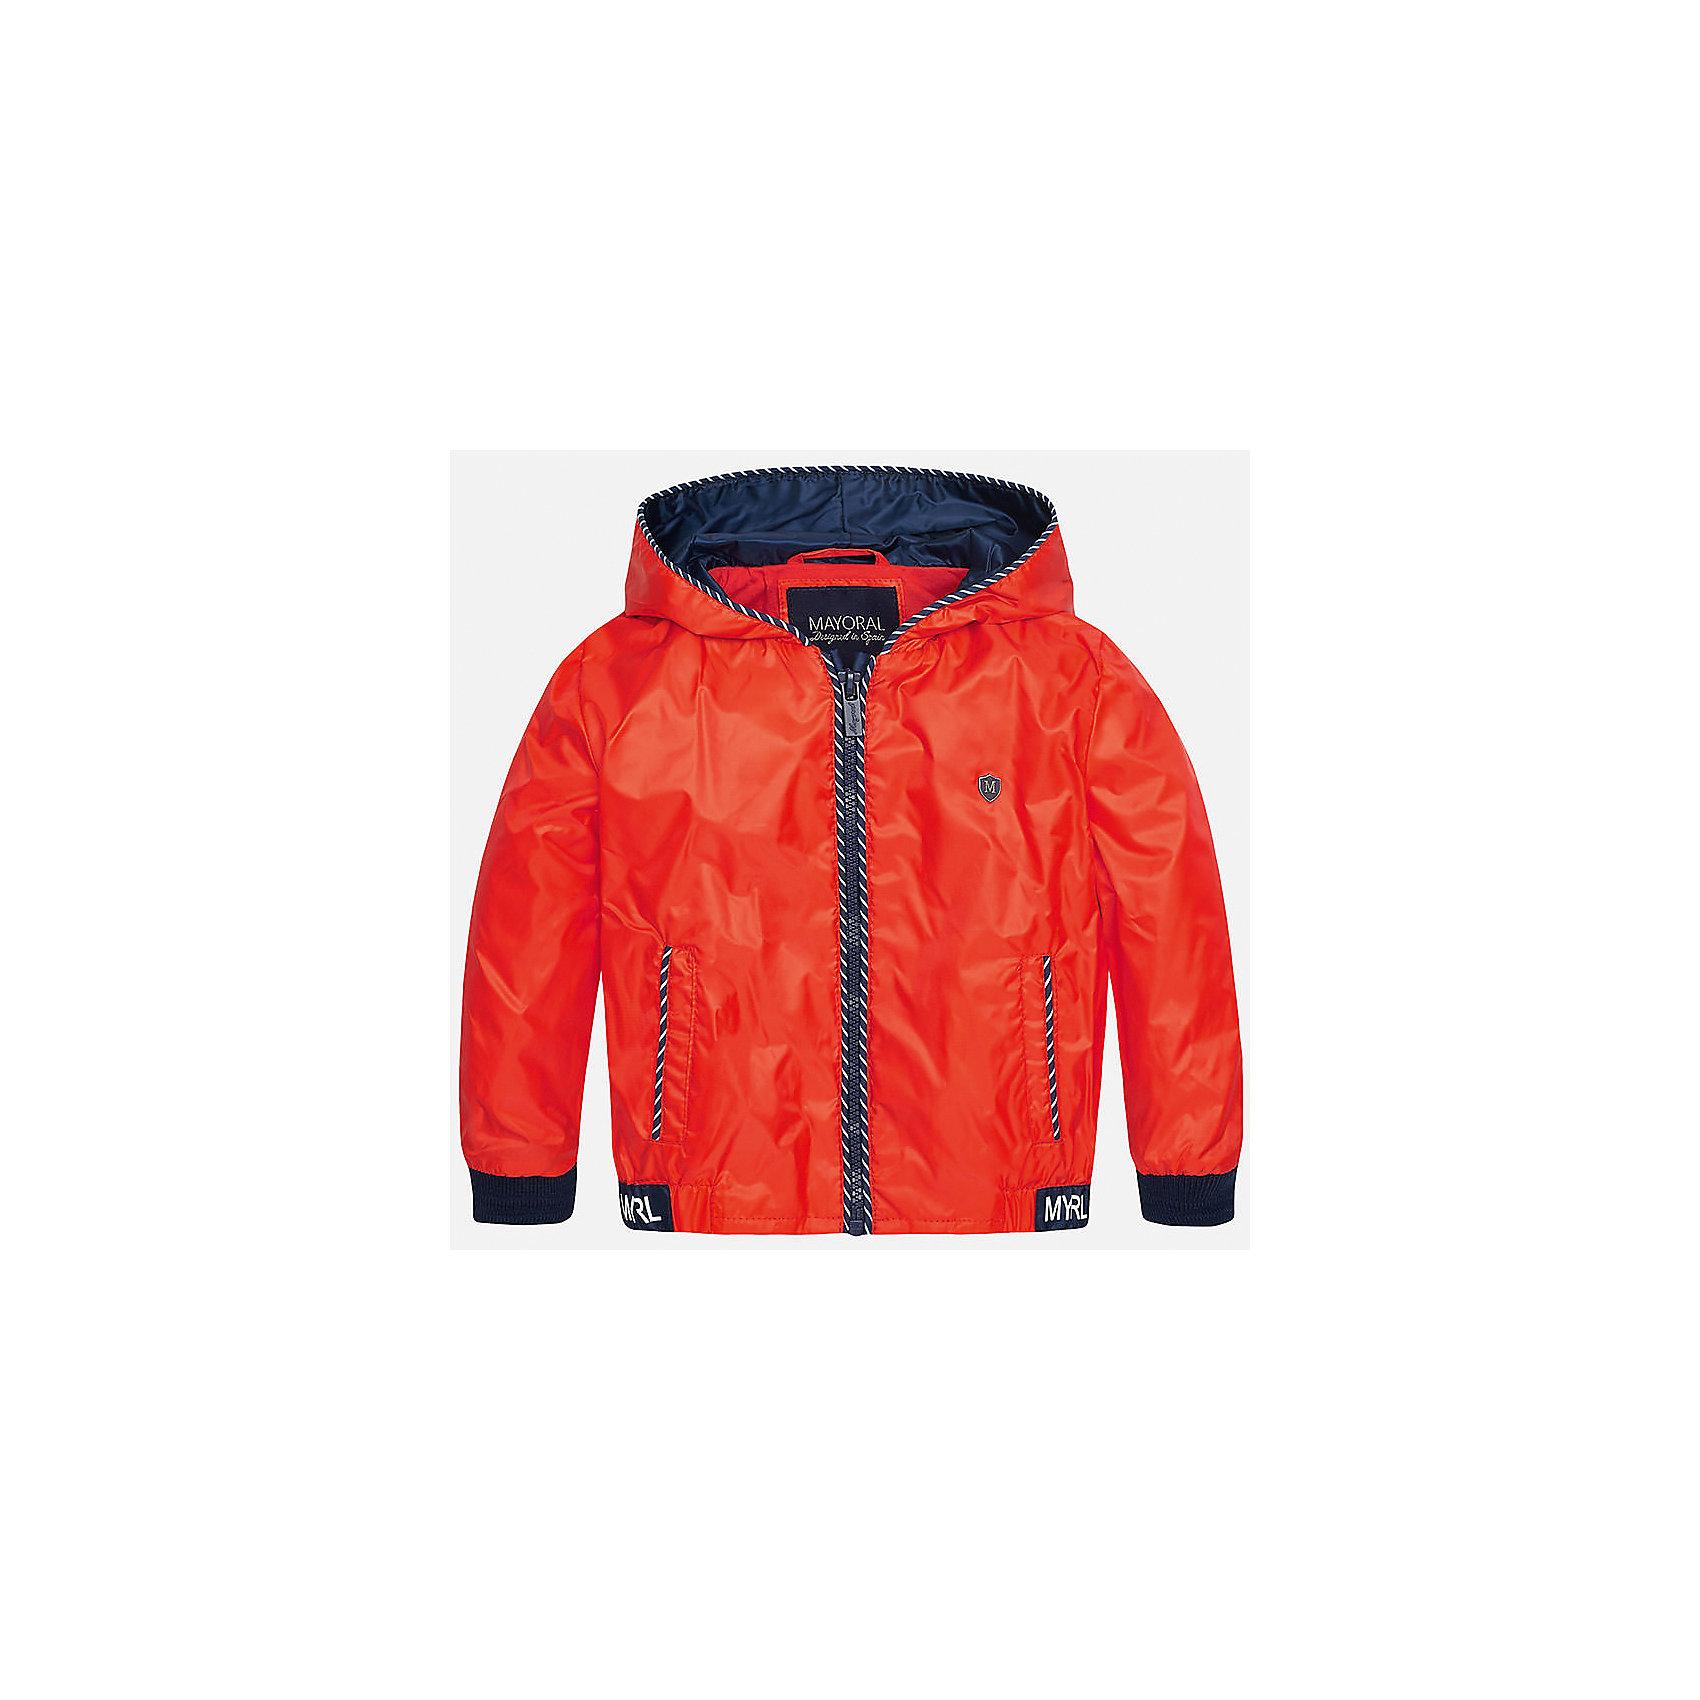 Ветровка для мальчика MayoralВерхняя одежда<br>Характеристики товара:<br><br>• цвет: красный<br>• состав: 100% полиэстер, подкладка - 100% хлопок<br>• манжеты <br>• карманы<br>• молния<br>• капюшон<br>• страна бренда: Испания<br><br>Легкая ветровка для мальчика поможет разнообразить гардероб ребенка и обеспечить тепло в прохладную погоду. Она отлично сочетается и с джинсами, и с брюками. Универсальный цвет позволяет подобрать к вещи низ различных расцветок. Интересная отделка модели делает её нарядной и оригинальной. В составе материала подкладки - натуральный хлопок, гипоаллергенный, приятный на ощупь, дышащий.<br><br>Одежда, обувь и аксессуары от испанского бренда Mayoral полюбились детям и взрослым по всему миру. Модели этой марки - стильные и удобные. Для их производства используются только безопасные, качественные материалы и фурнитура. Порадуйте ребенка модными и красивыми вещами от Mayoral! <br><br>Ветровку для мальчика от испанского бренда Mayoral (Майорал) можно купить в нашем интернет-магазине.<br><br>Ширина мм: 356<br>Глубина мм: 10<br>Высота мм: 245<br>Вес г: 519<br>Цвет: красный<br>Возраст от месяцев: 12<br>Возраст до месяцев: 18<br>Пол: Мужской<br>Возраст: Детский<br>Размер: 86,92,80<br>SKU: 5279616